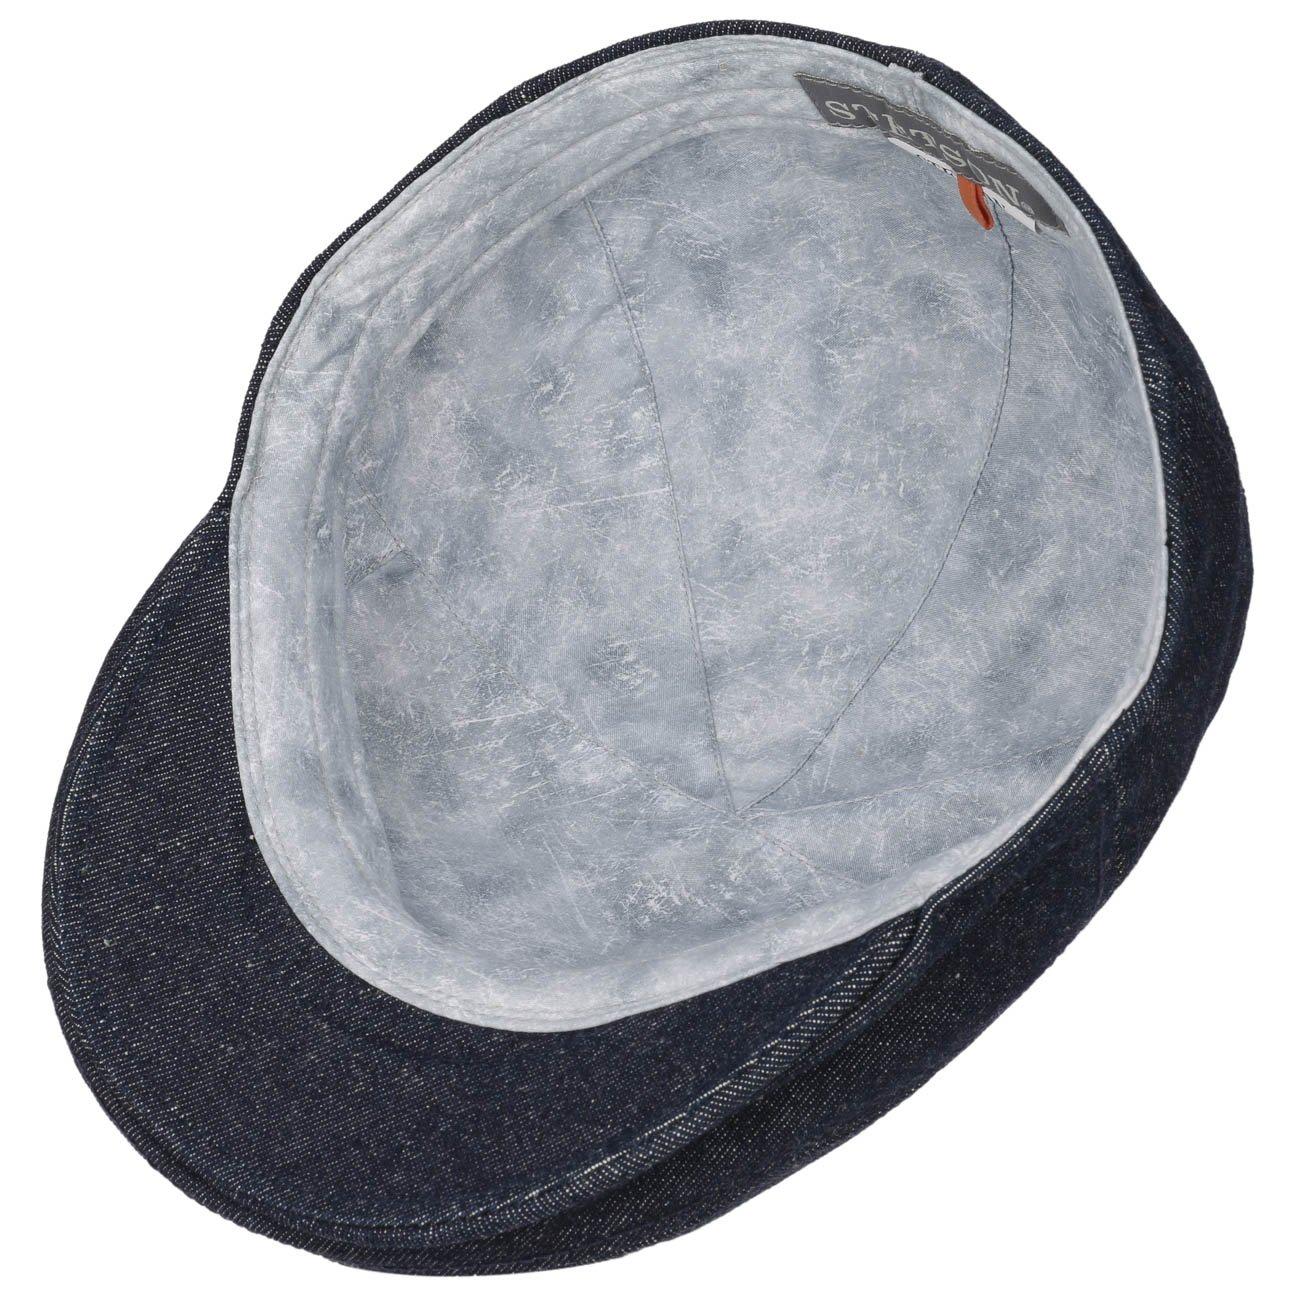 Stetson Maryland Denim Flat Cap Jeans (L (58-59 cm) - Denim)  Amazon.co.uk   Clothing d2fc2de4d696